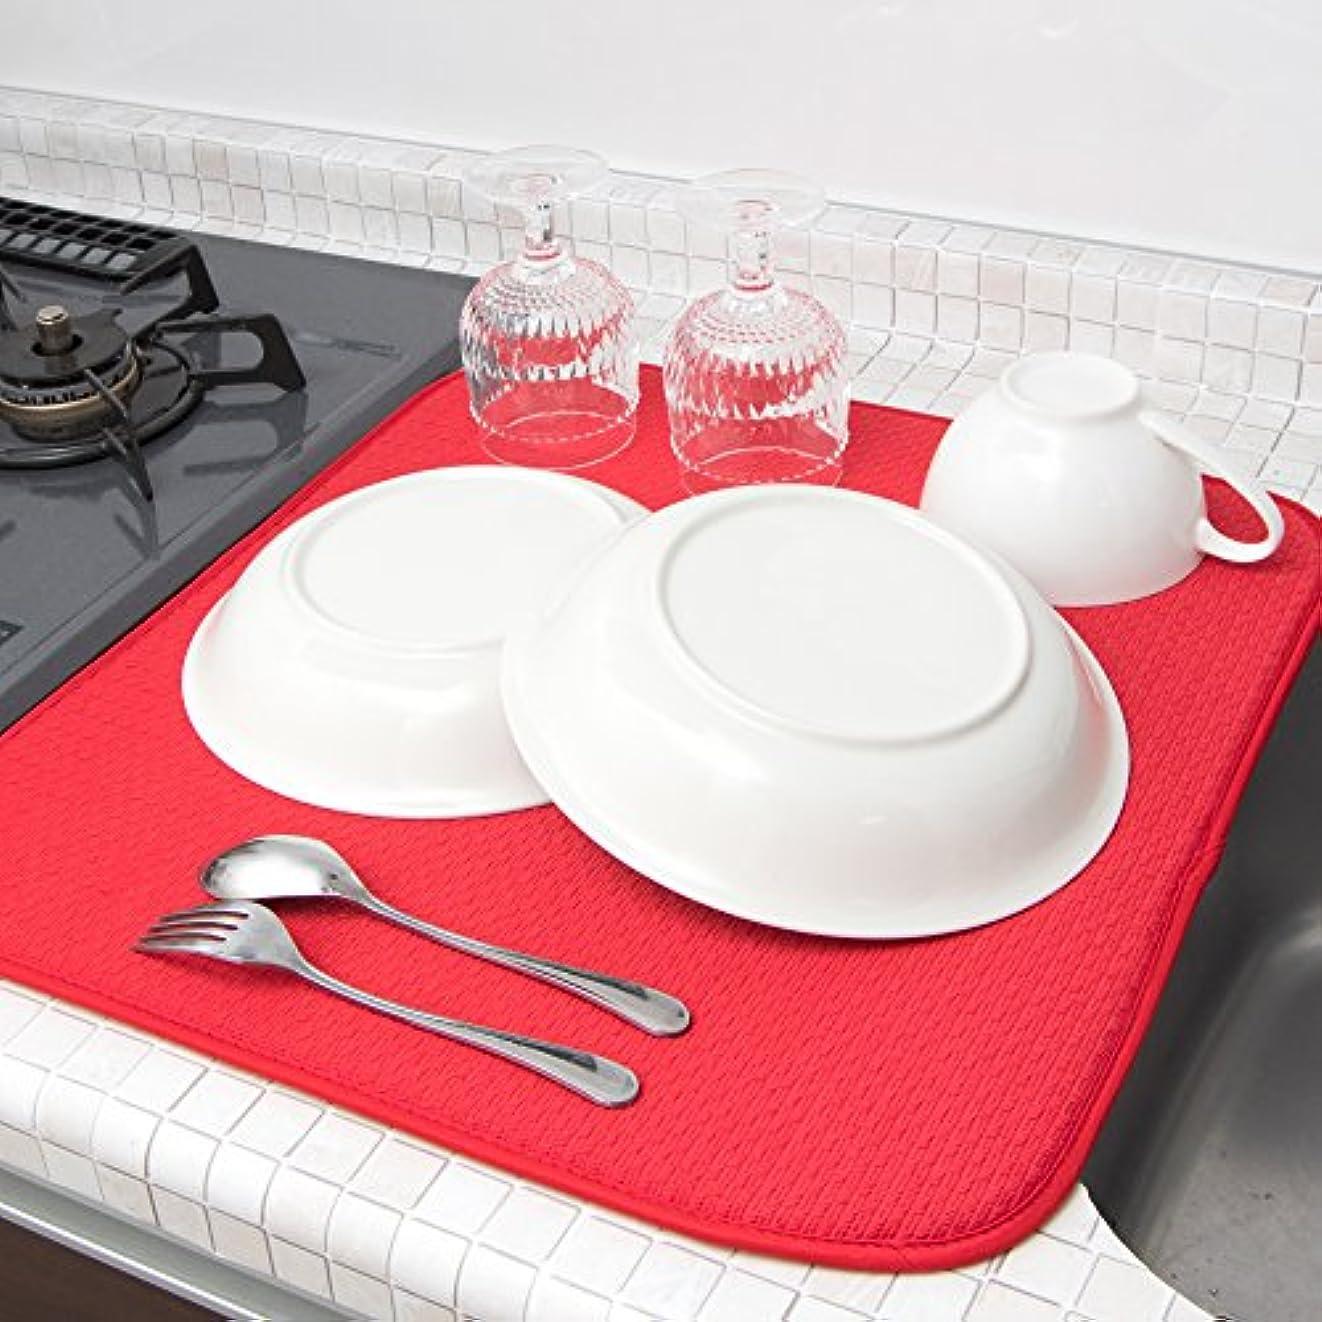 騒ぎプロトタイプリテラシーmikketa 水切りマット キッチン 食器 大判 速乾 吸水 レッド 抗菌 防カビ 加工 全8色